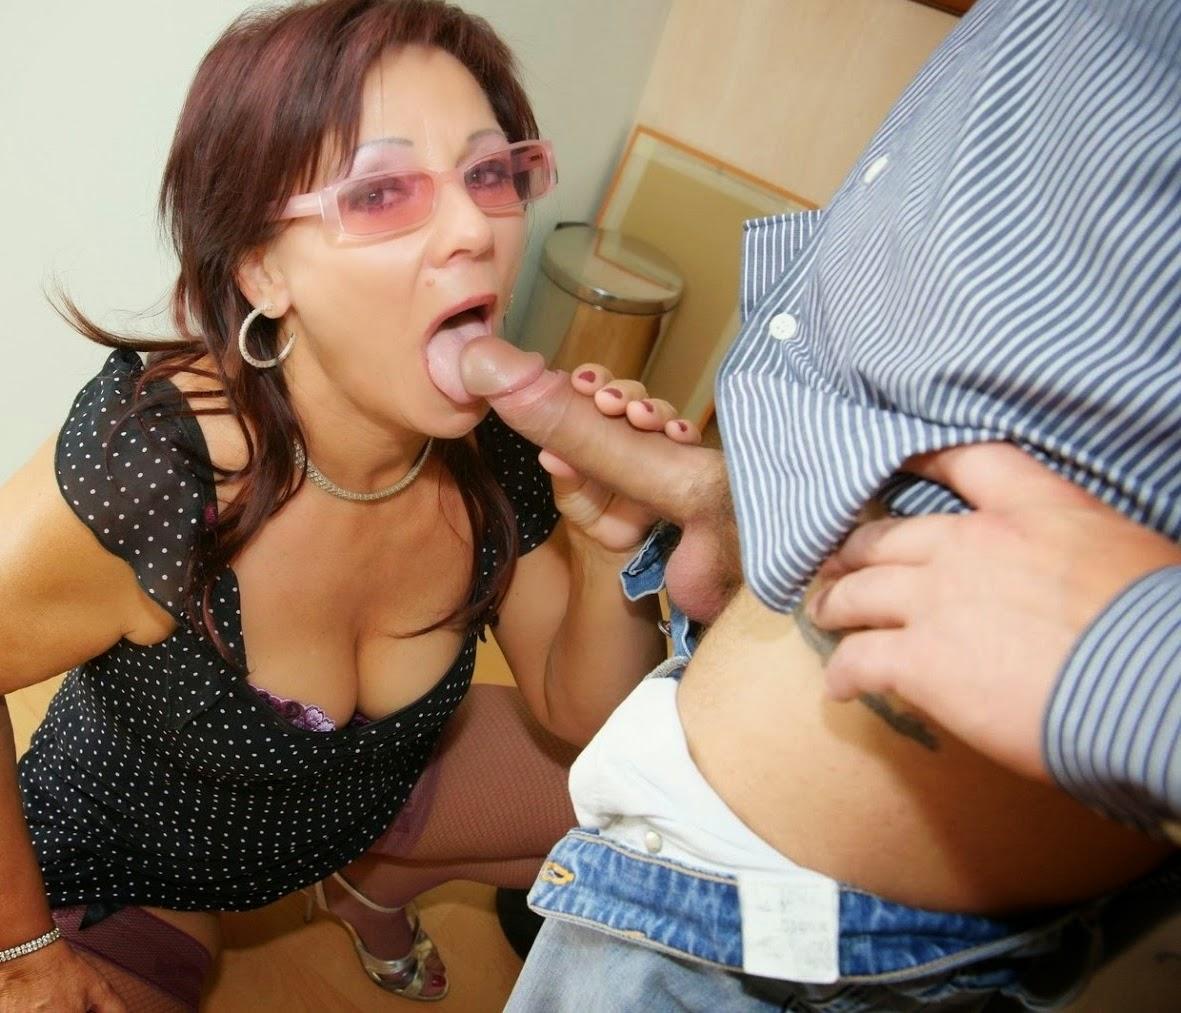 film erotici soft offerte meetic